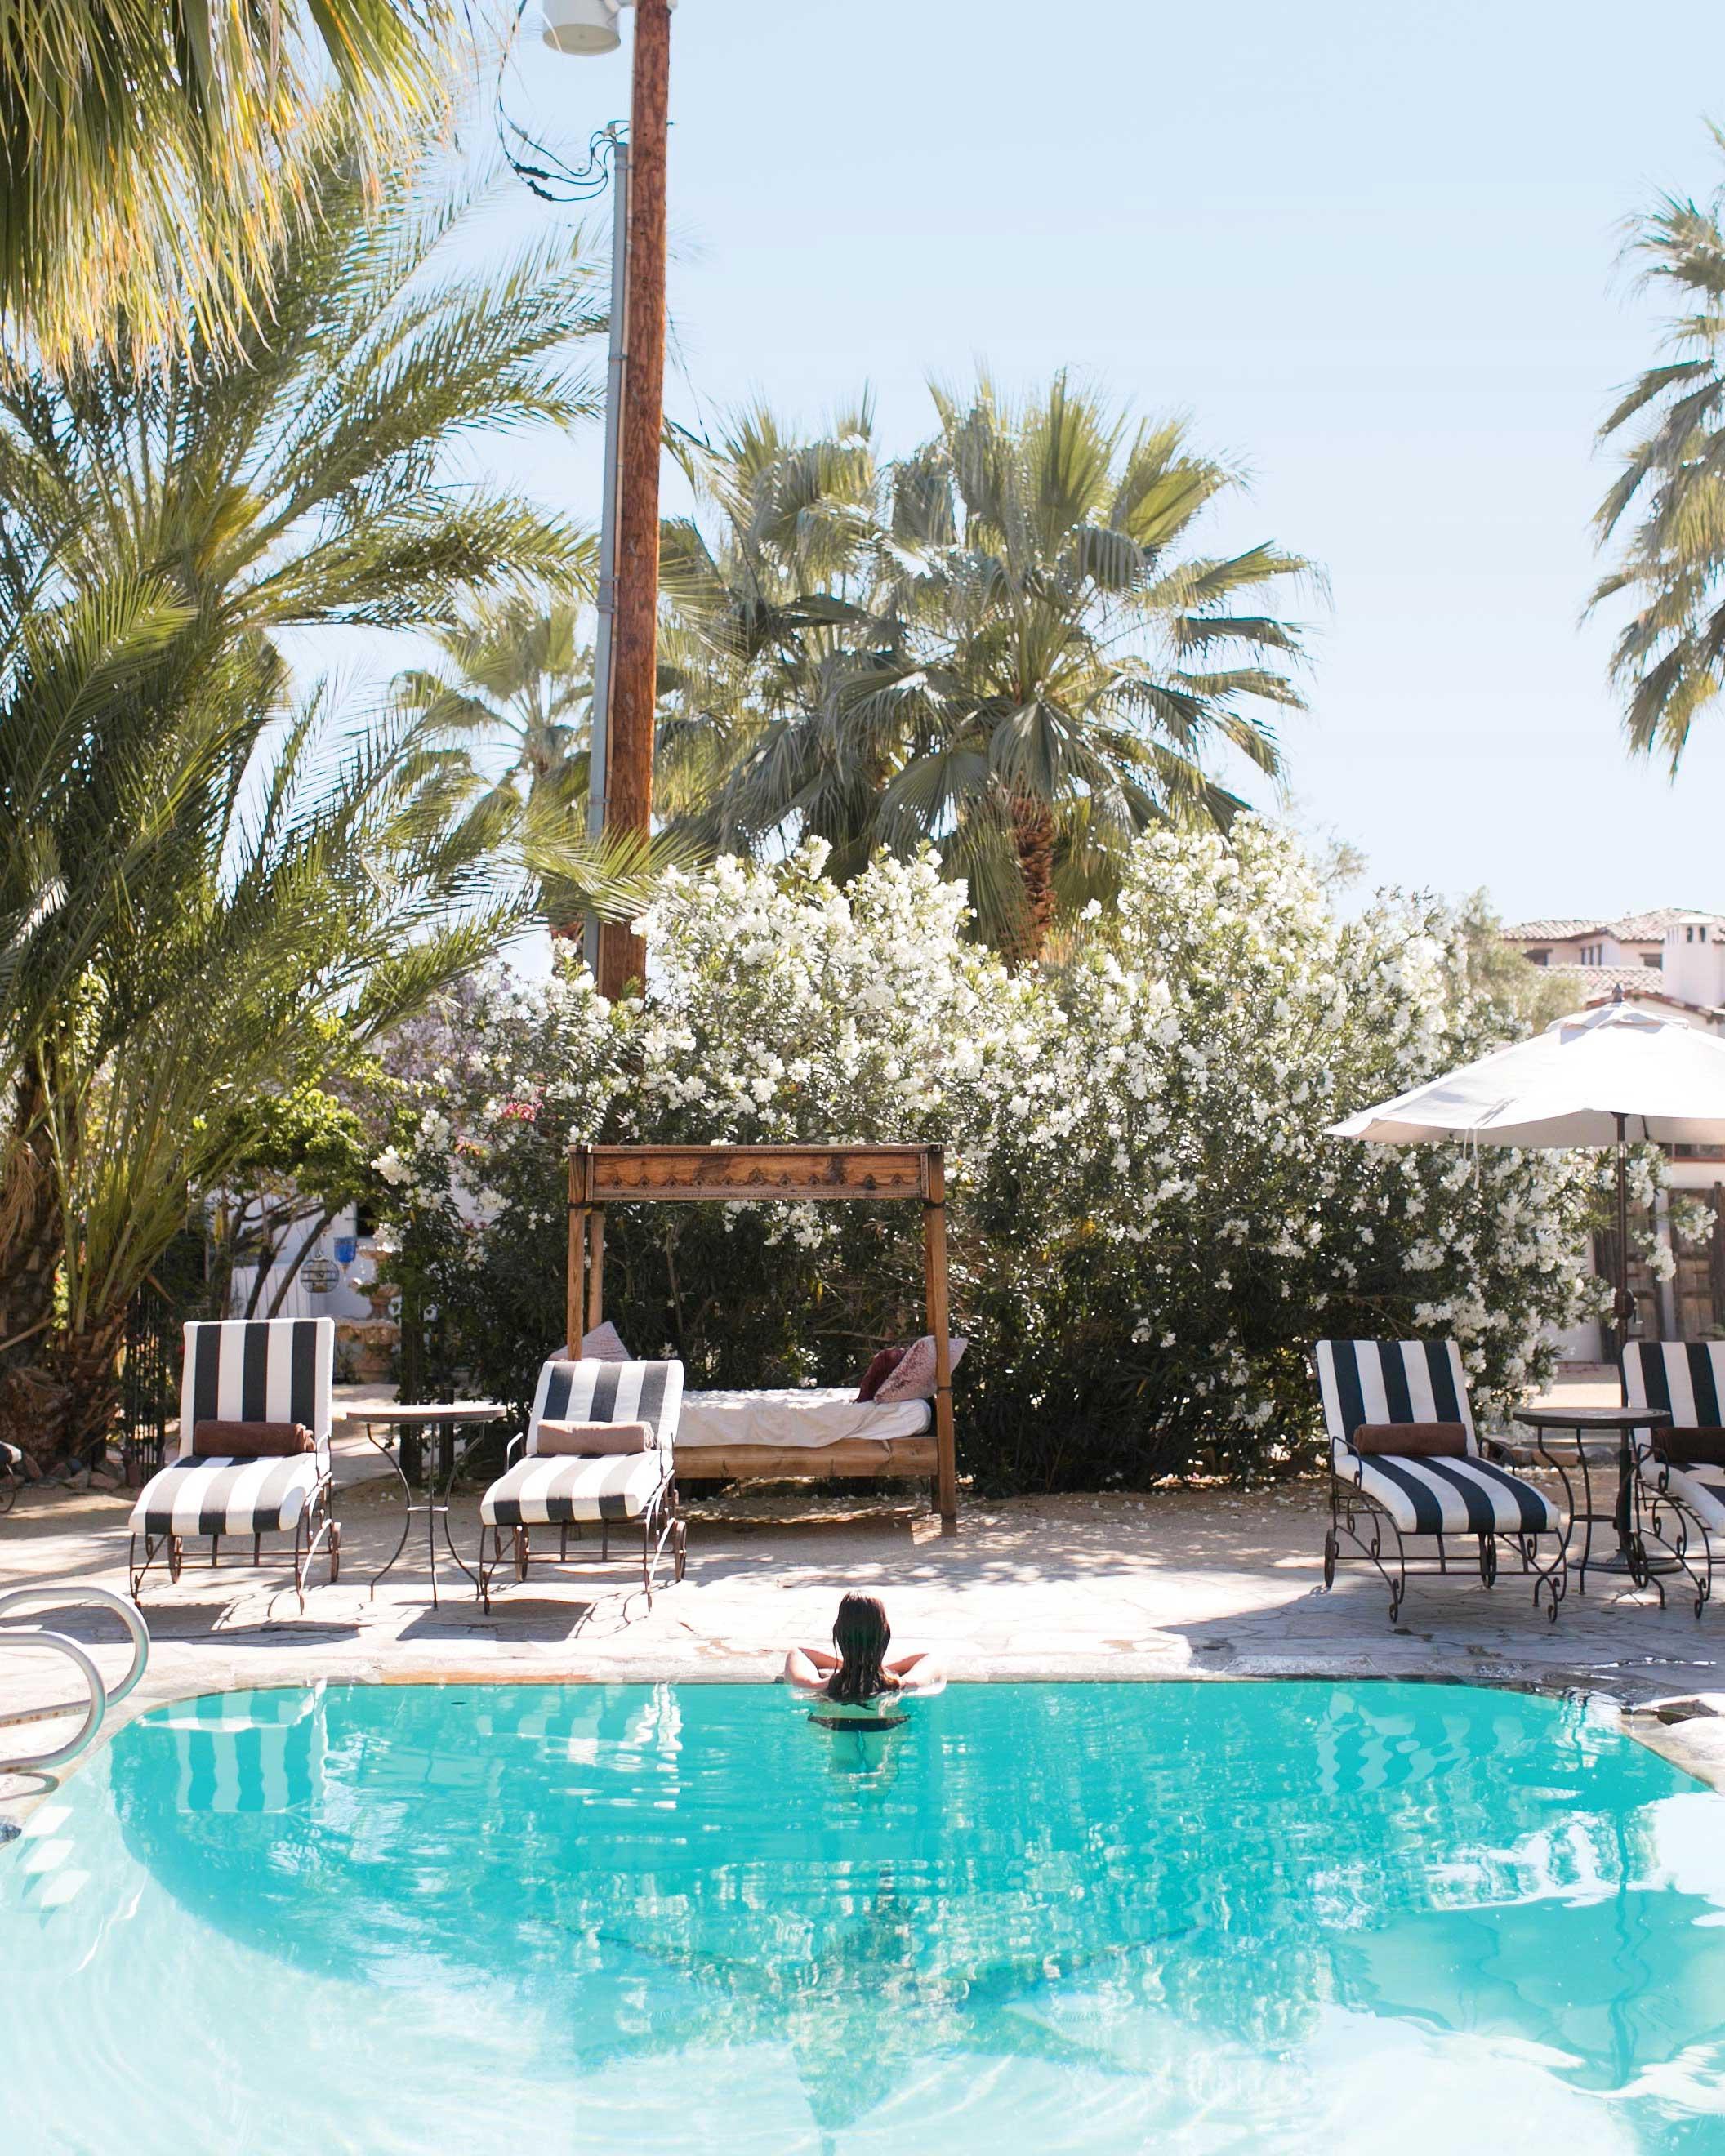 travel-honeymoon-diaries-poolside-palm-trees-palm-springs-s112941.jpg